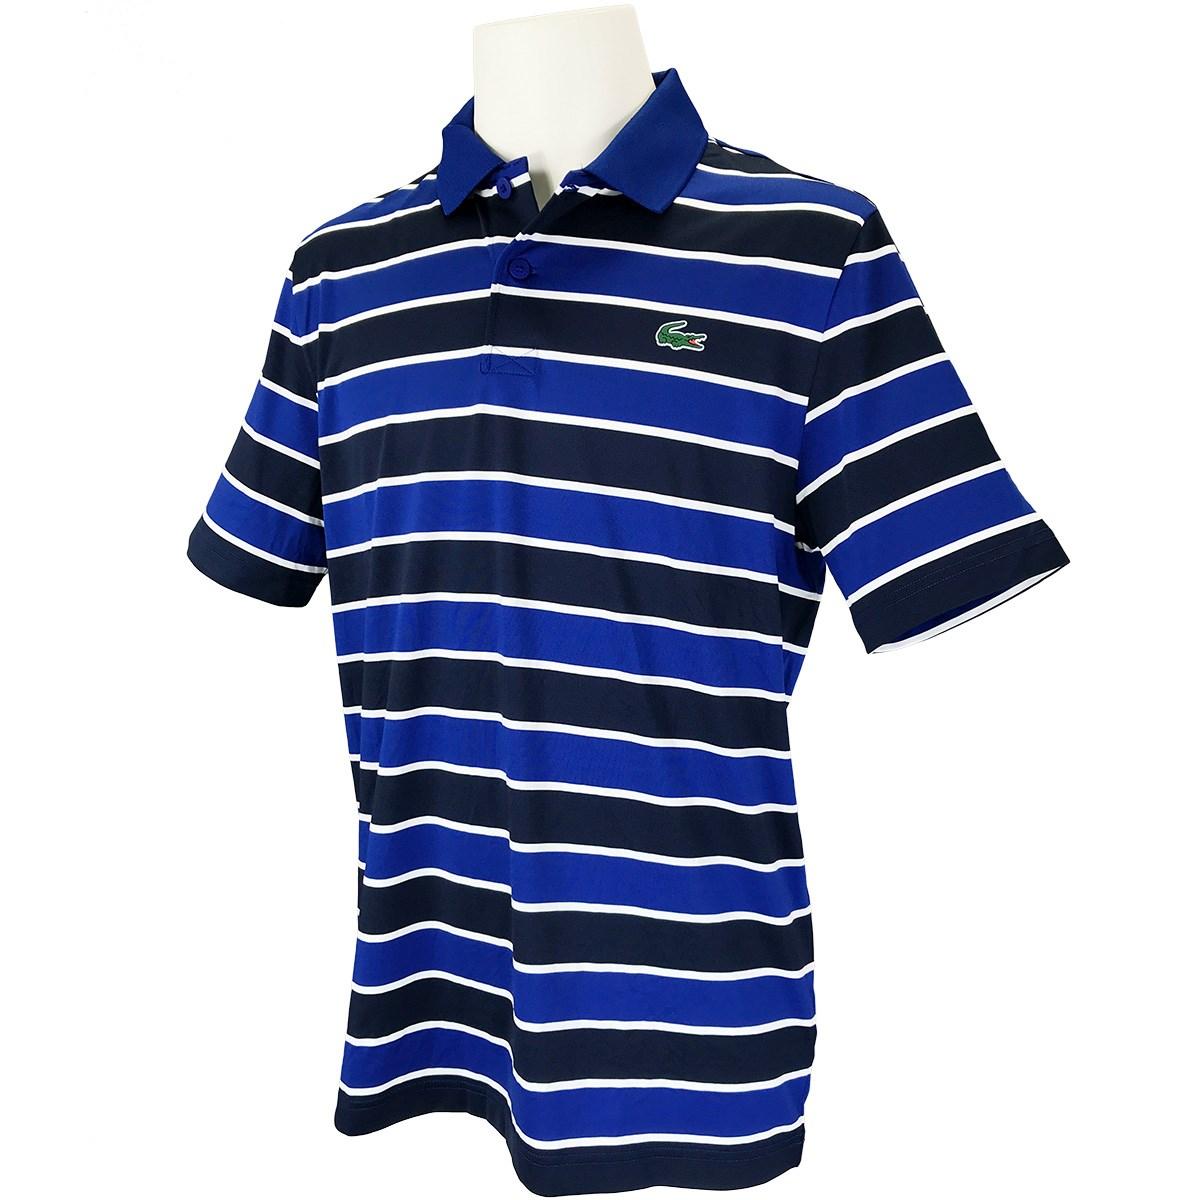 ラコステ ボーダーゴルフ 半袖ポロシャツ